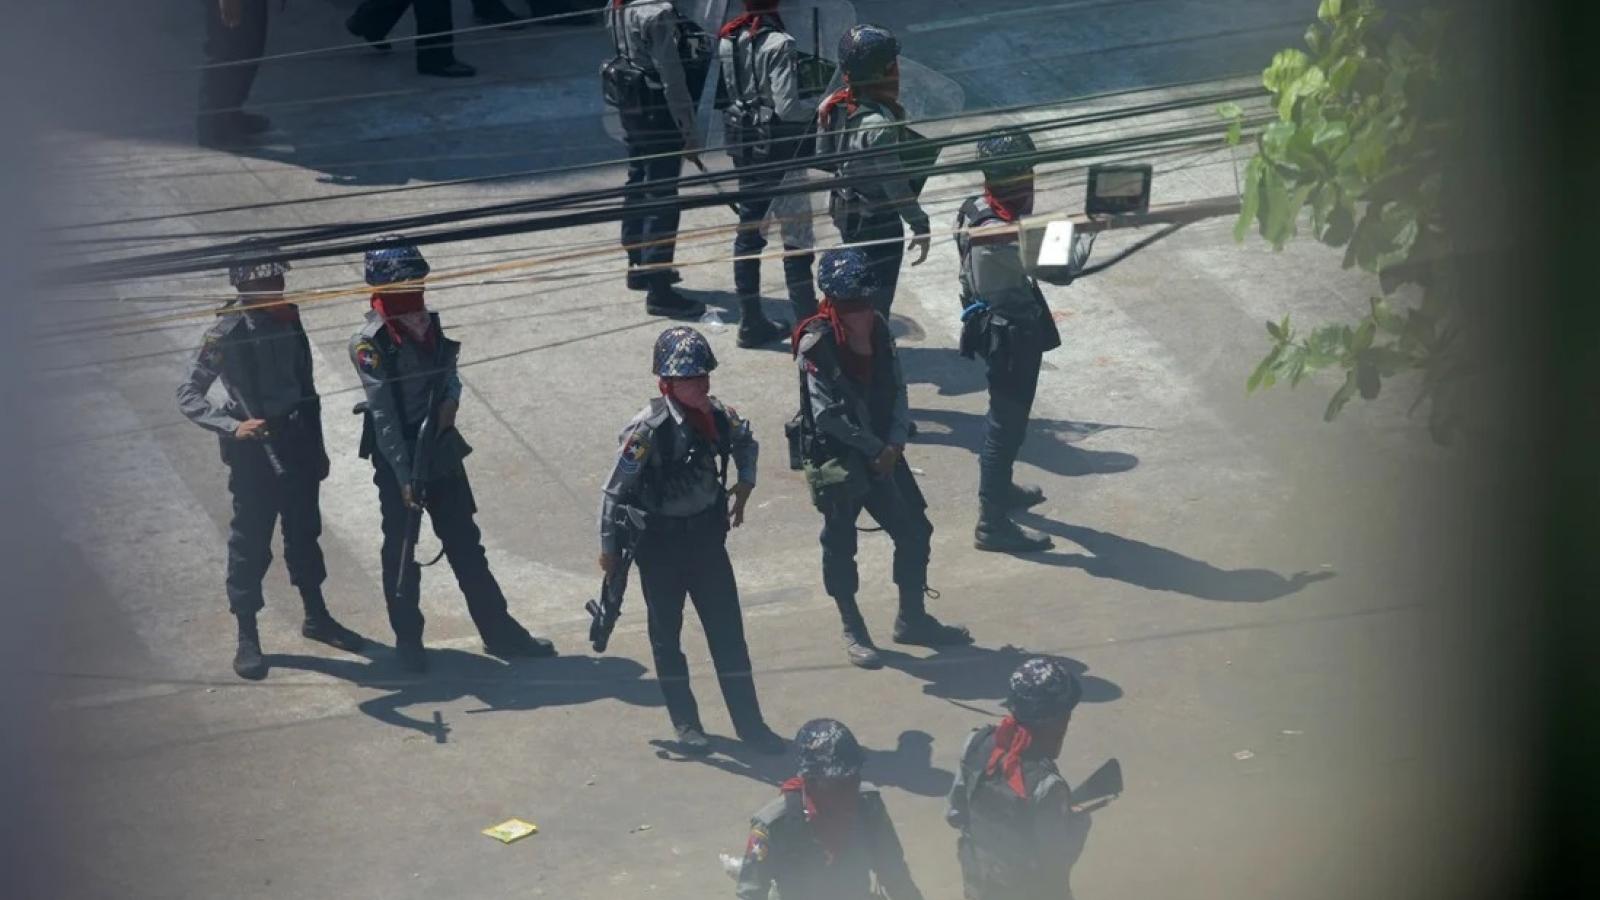 An ninh Myanmar lục soát từng phòng để tìm người biểu tình chống đảo chính